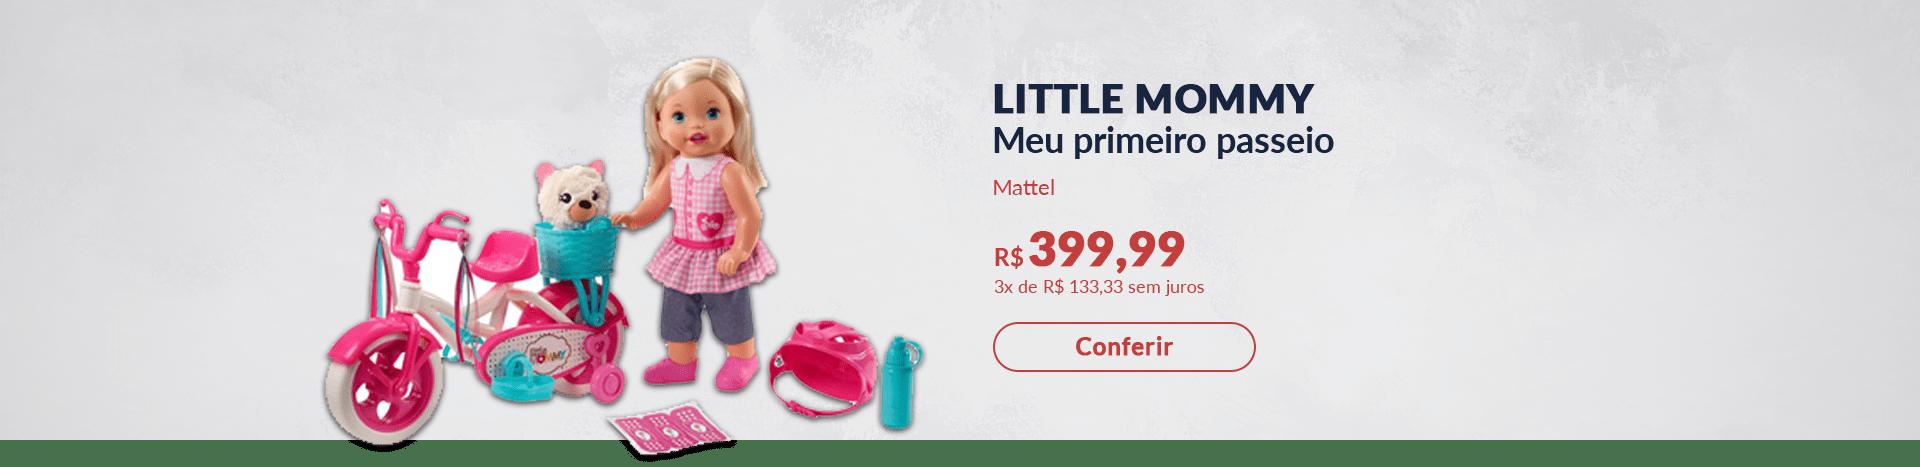 LittleMommyFull